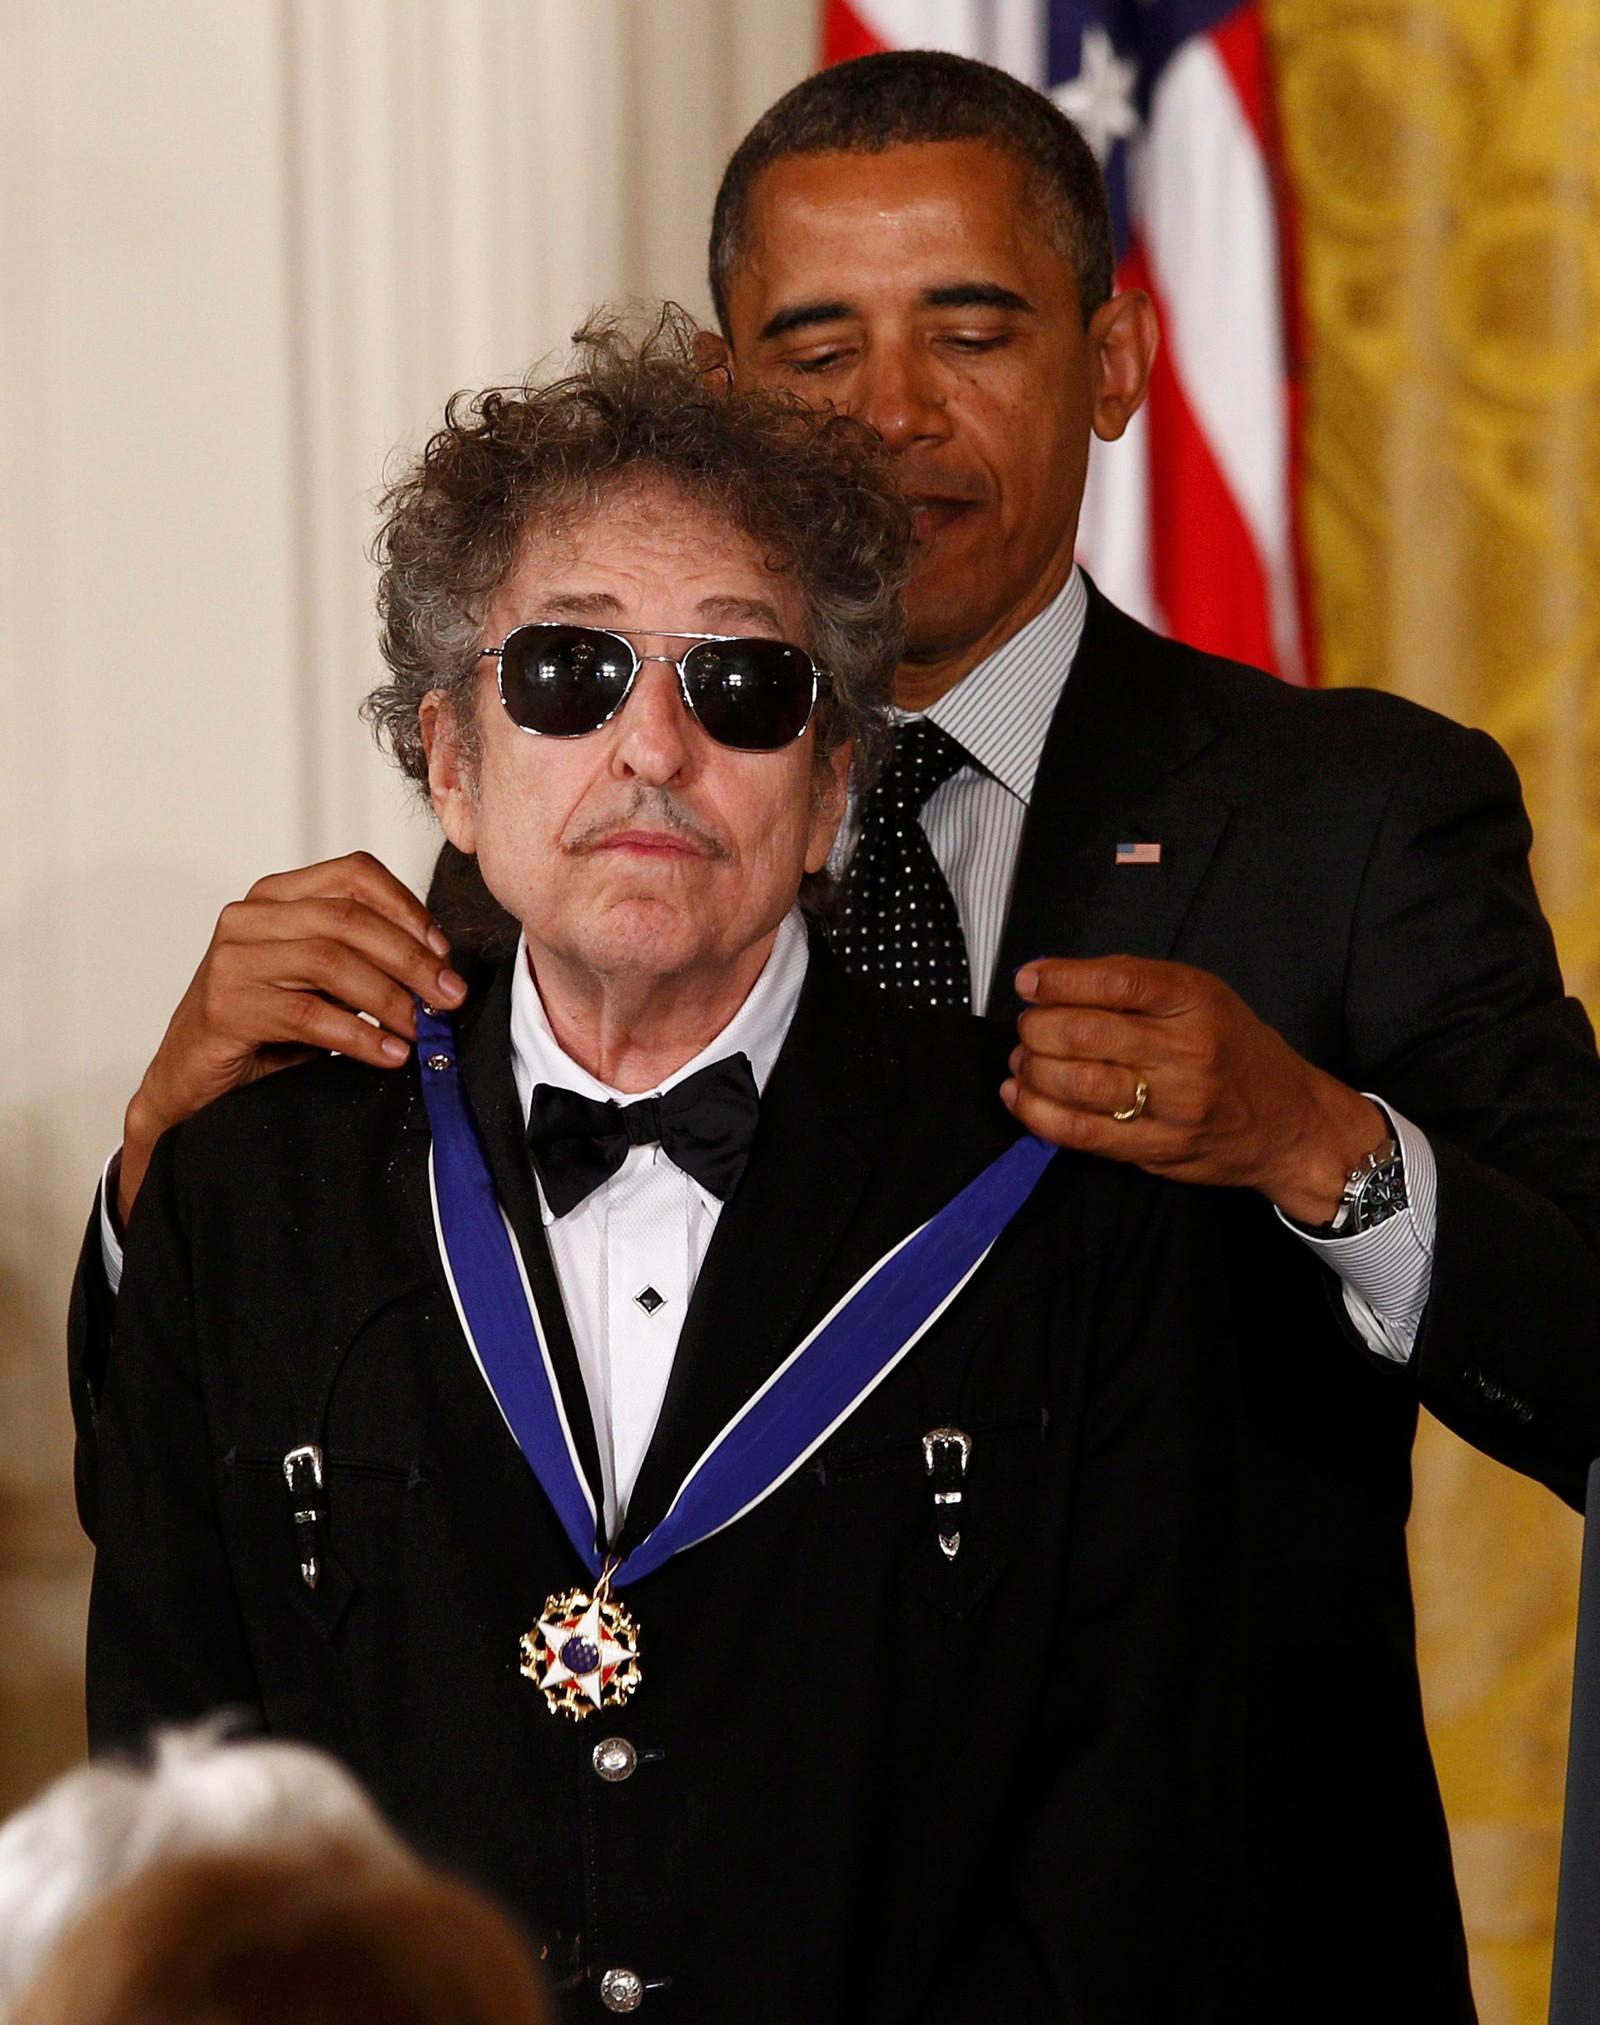 President Barack Obama gir Bob Dylan Presidentens frihetsmedalje i 2012.